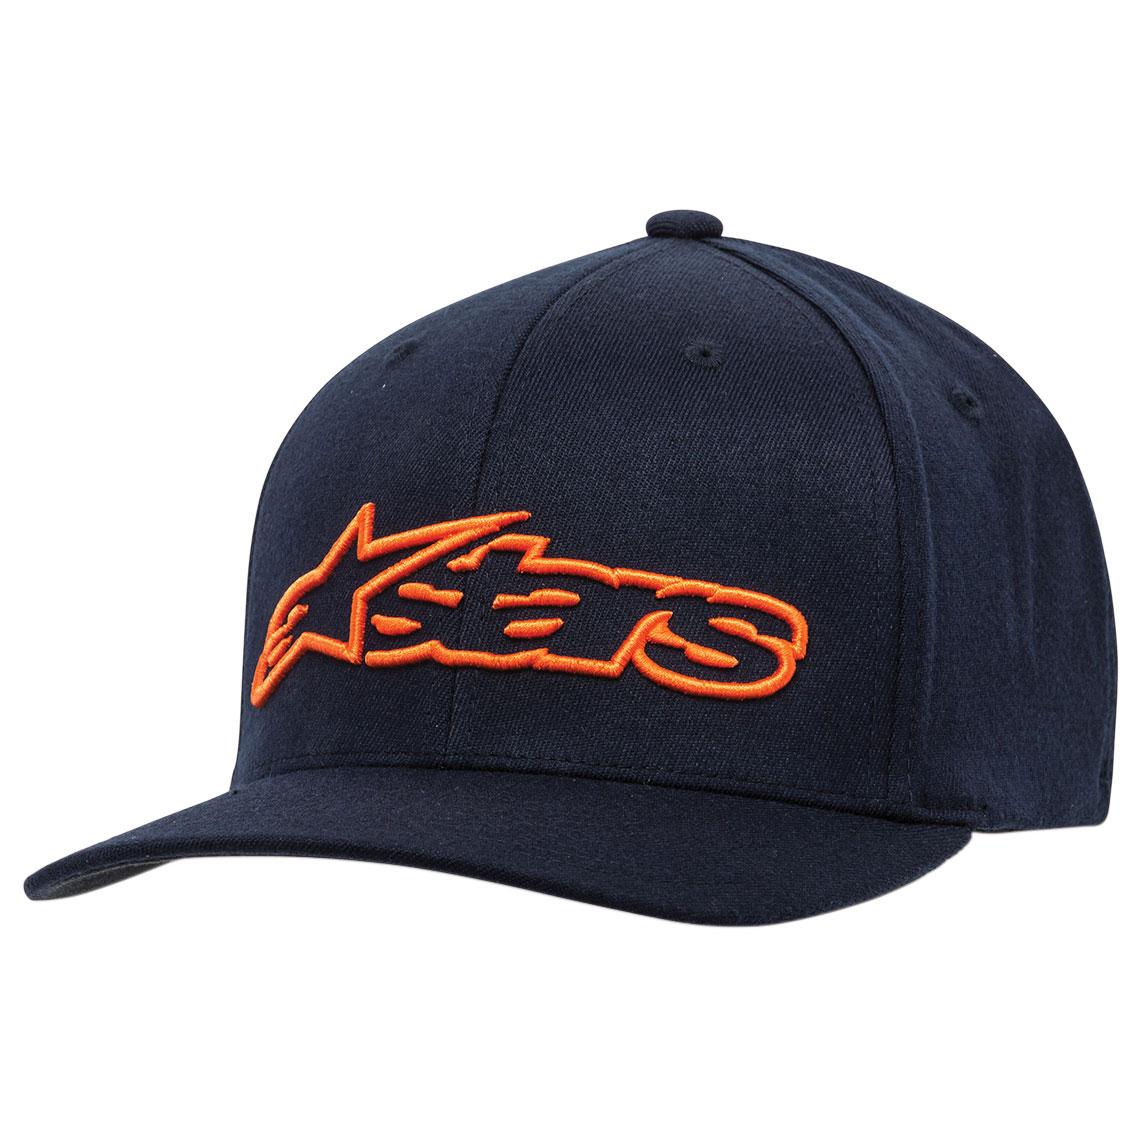 Alpinestars Men's Blaze Navy/Orange Flexfit Hat